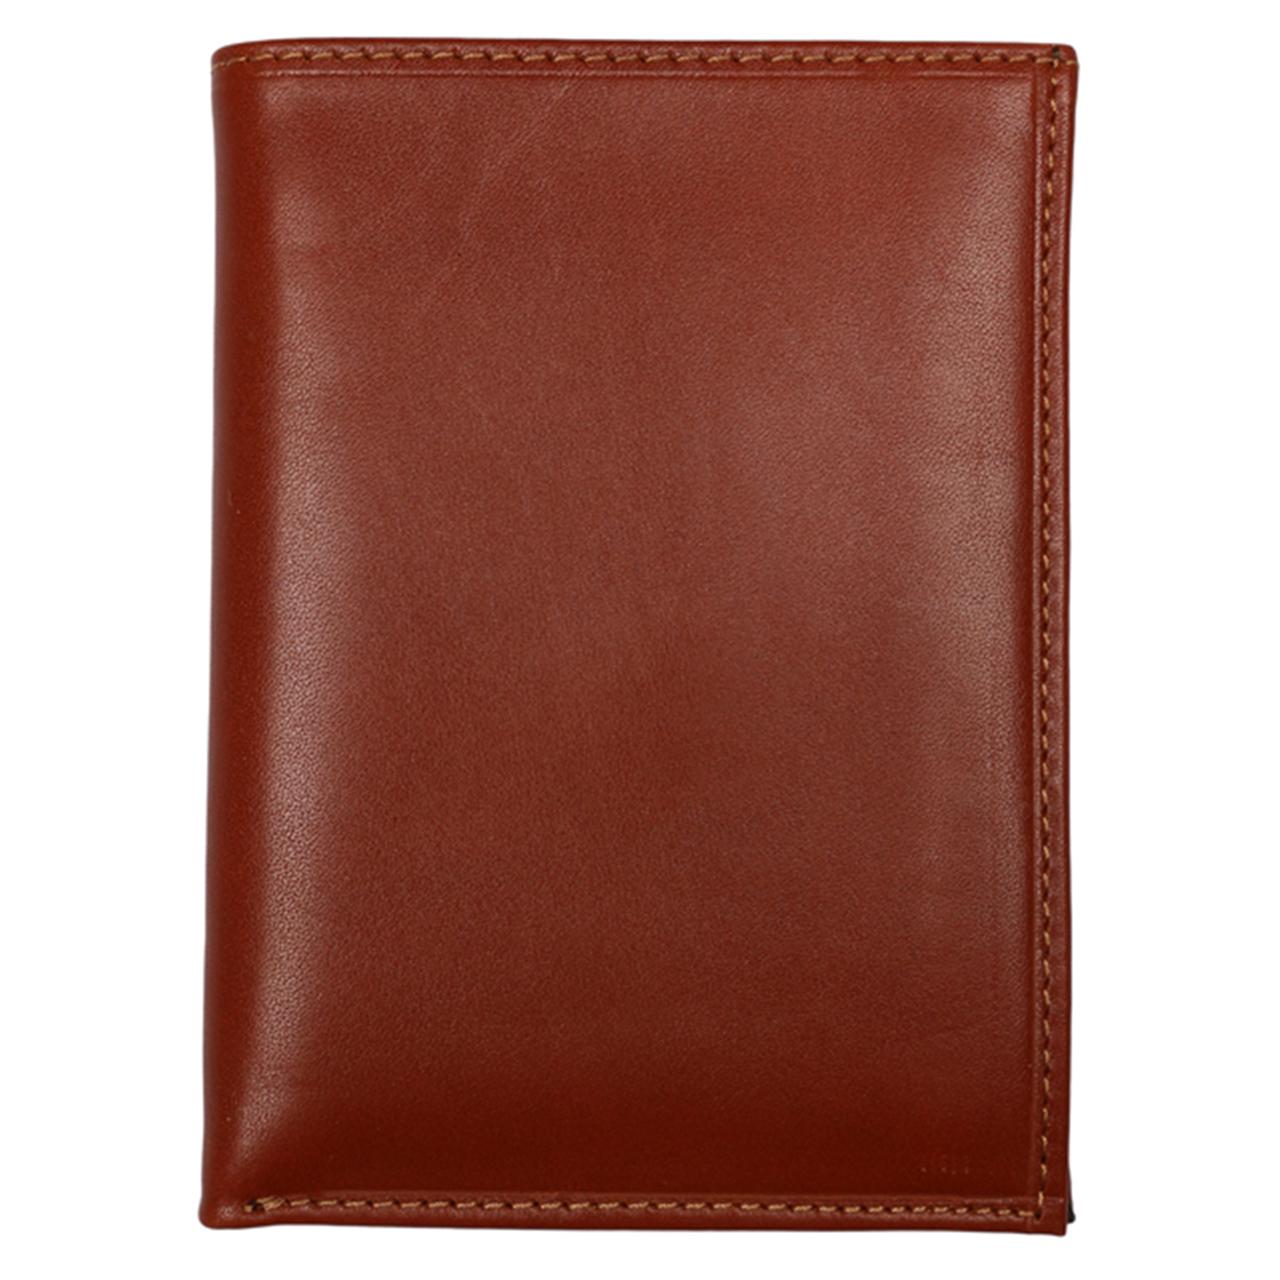 کیف پول نیم کتی رویال چرم کدM6-Brown